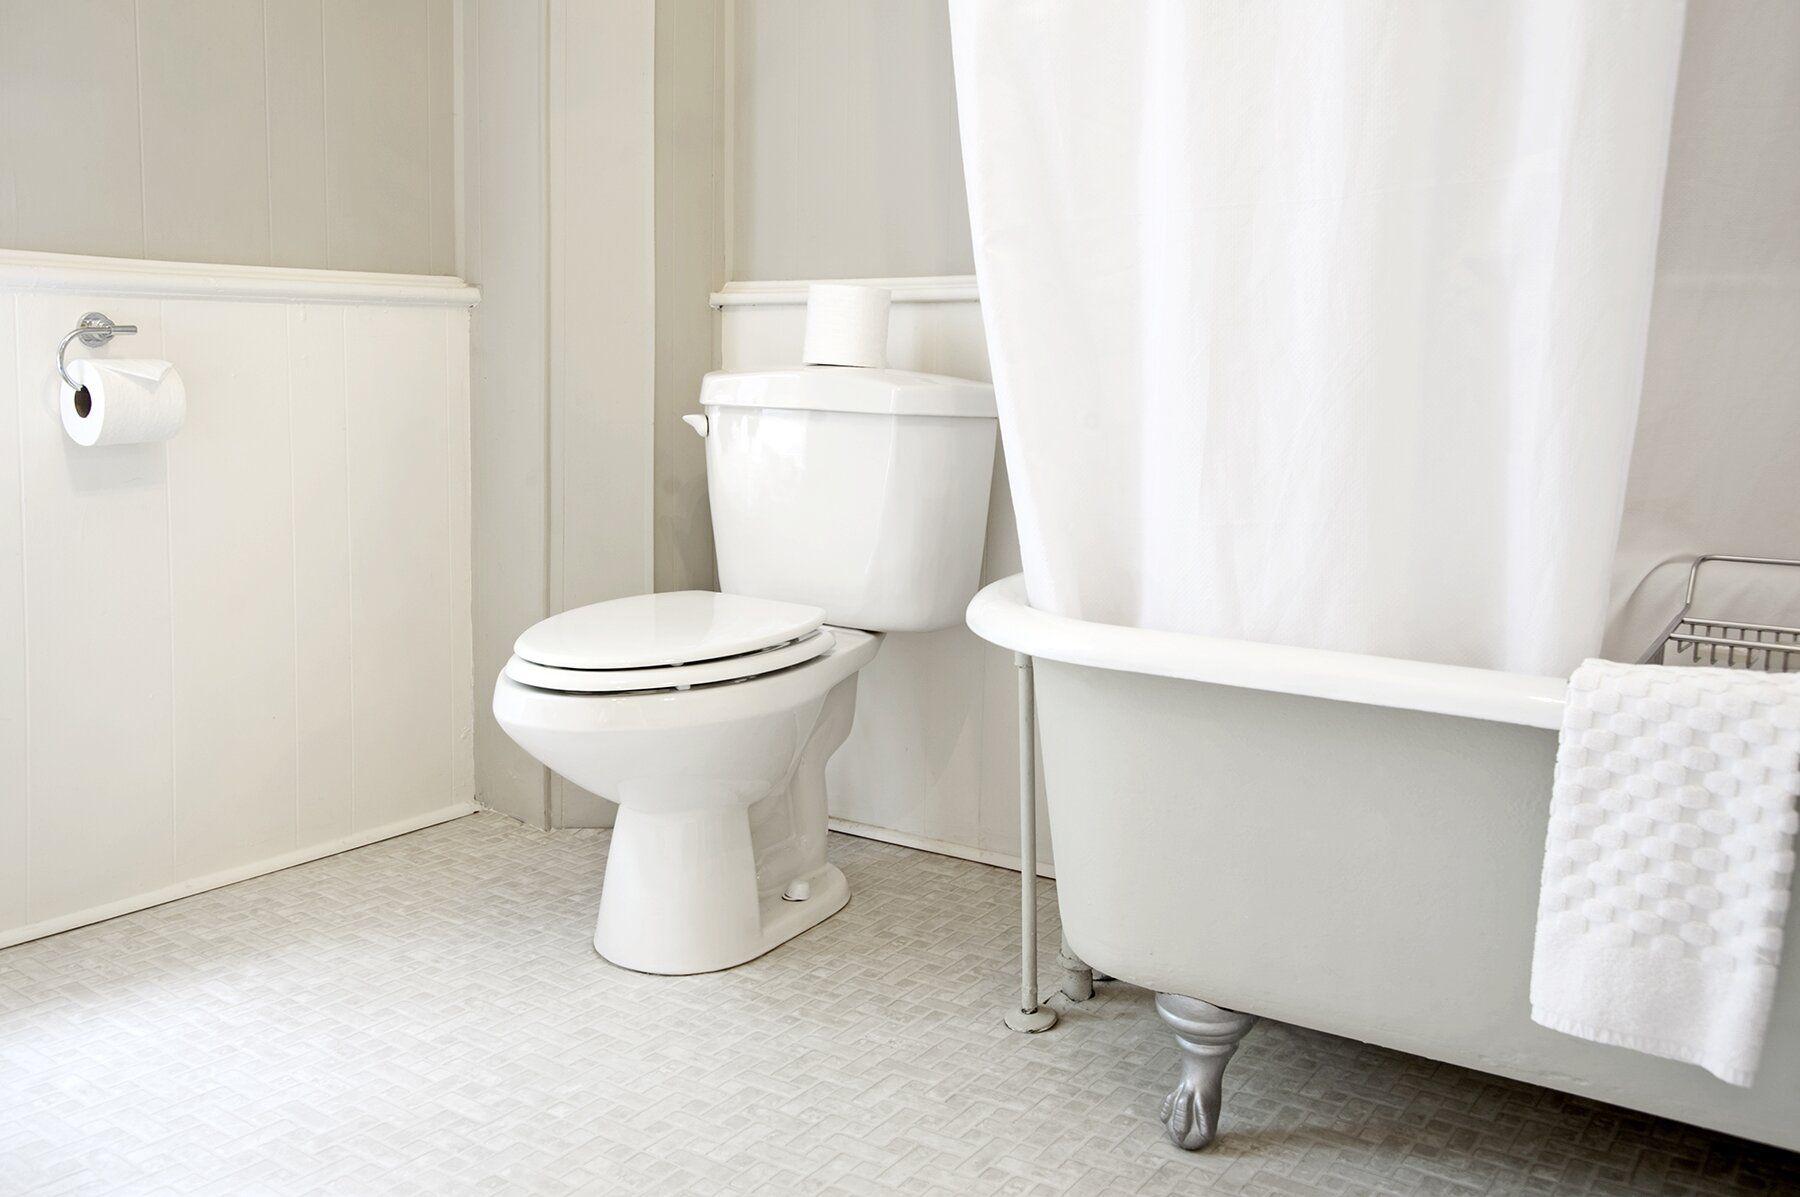 Deep Clean Your Bathroom In 7 Steps In 2020 Bathroom Fan Bathroom Vent Bathroom Vent Fan